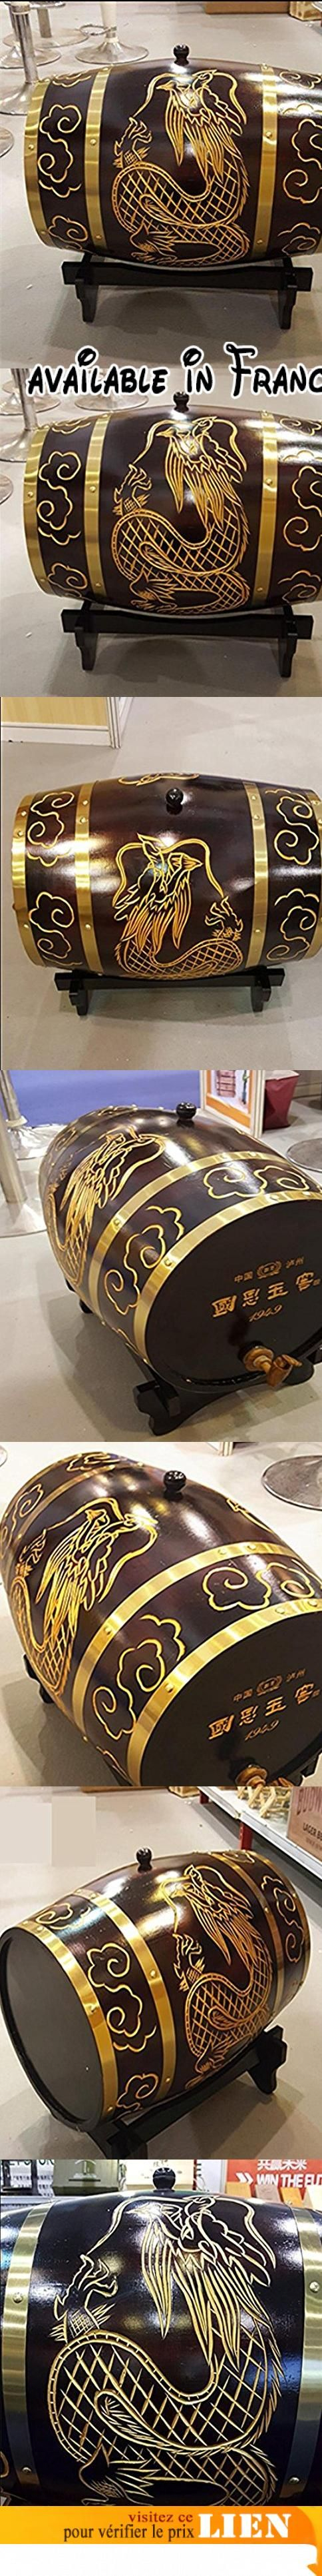 Fûts de chêne logo de gravure laser créatif Longfeng Chengxiang barils de chêne de luxe 1.5L, 3L, 5L, 10L, 20L, 30L, 50L, 100L , 1.5l. Le matériau du baril est en chêne, la surface est lisse et plate, il y a peu d'espace entre le conseil et le conseil, très fort. Le robinet est en bois, appuyez sur le robinet d'eau du robinet, peut remplir le vin. Cerceau professionnel sur mesure, anti-oxydation, résistant à la corrosion. Peut être chargé avec du vin rouge, du